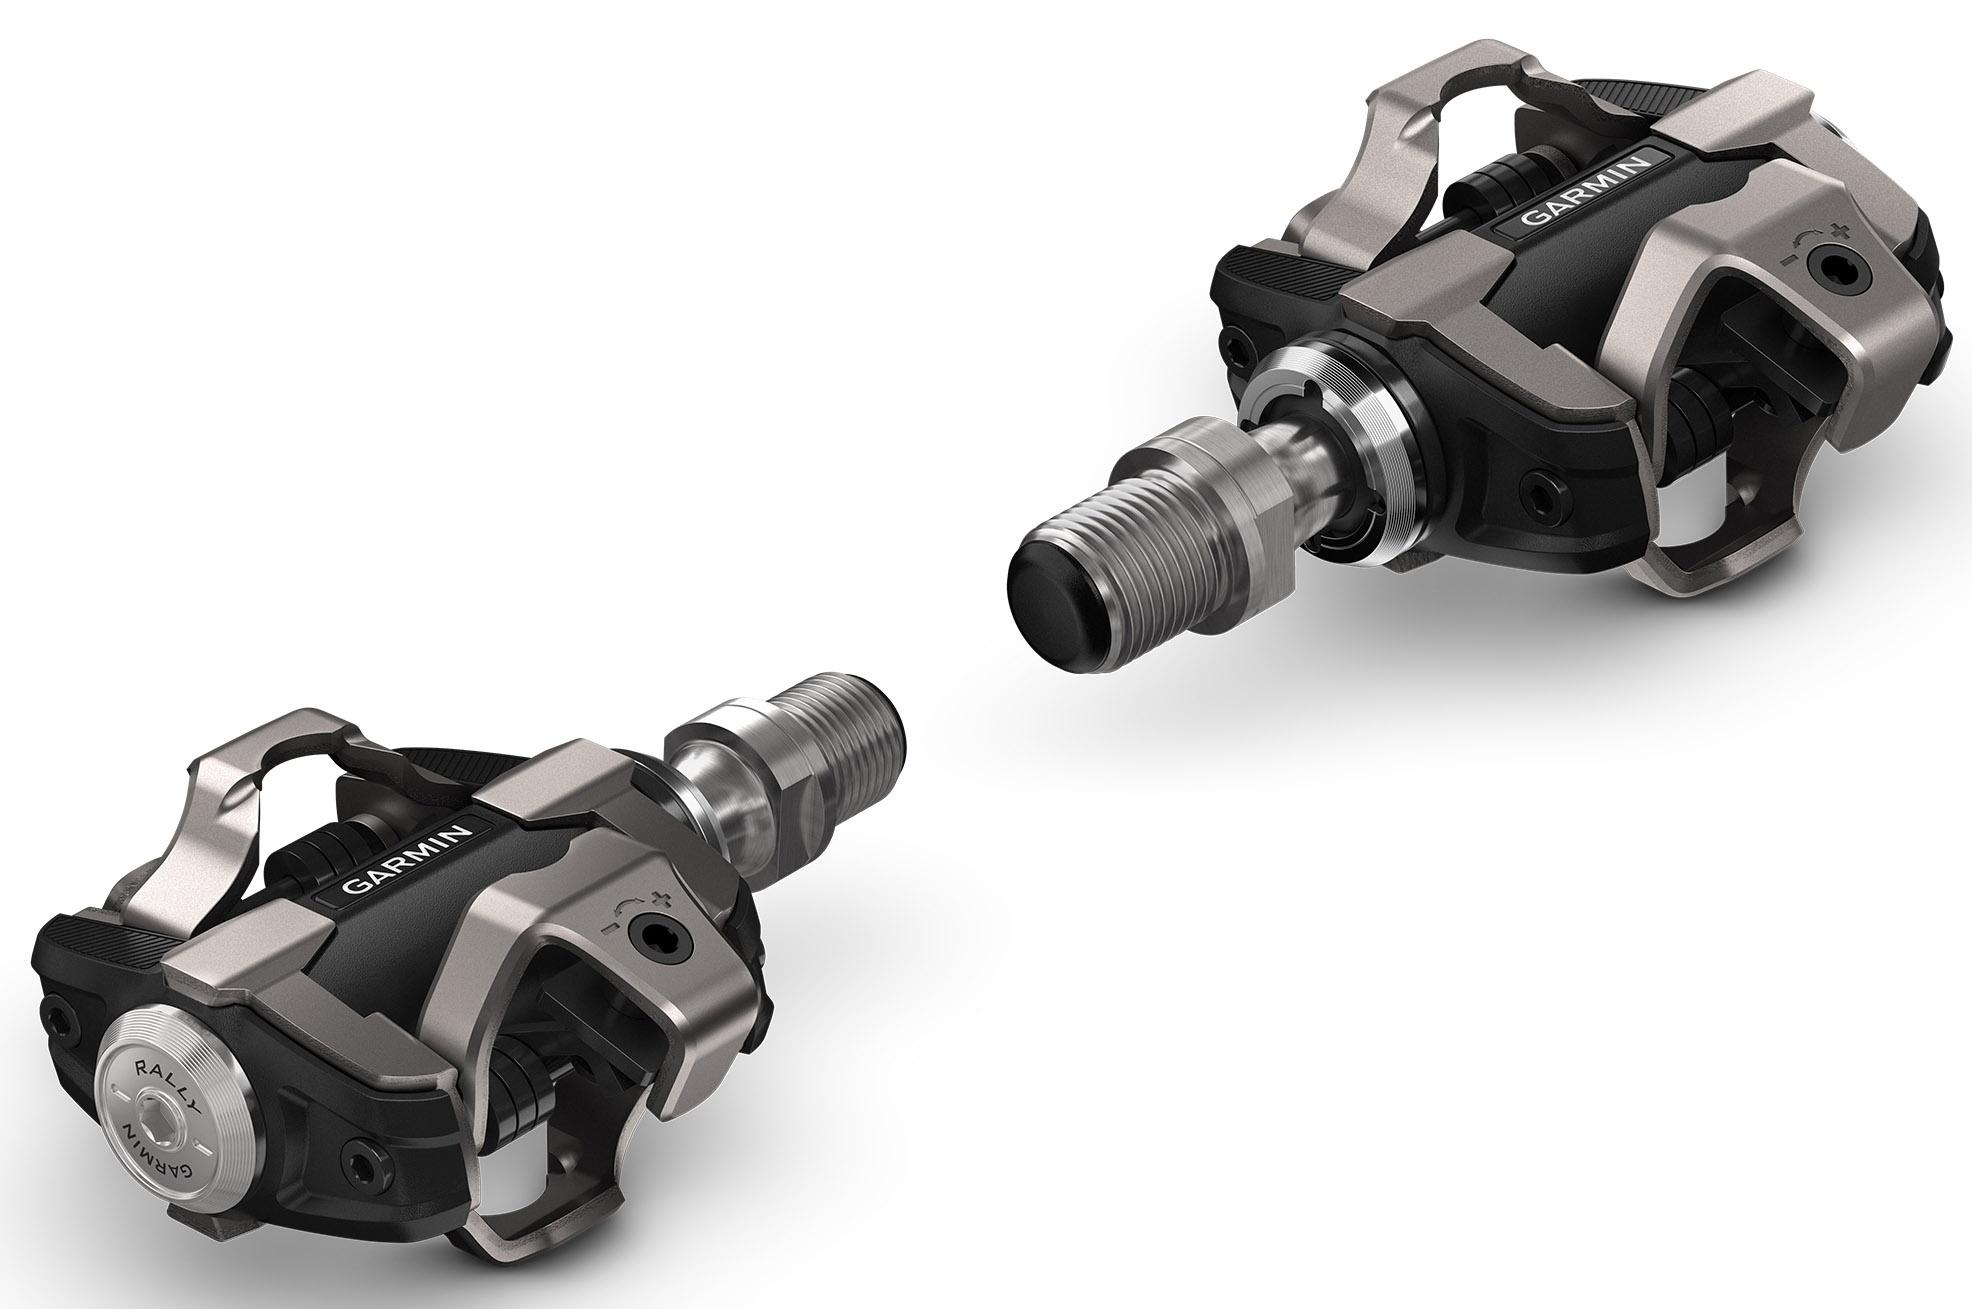 Garmin Rally XC100 Wattmåler Pedaler m. 1 sensor - Shimano SPD